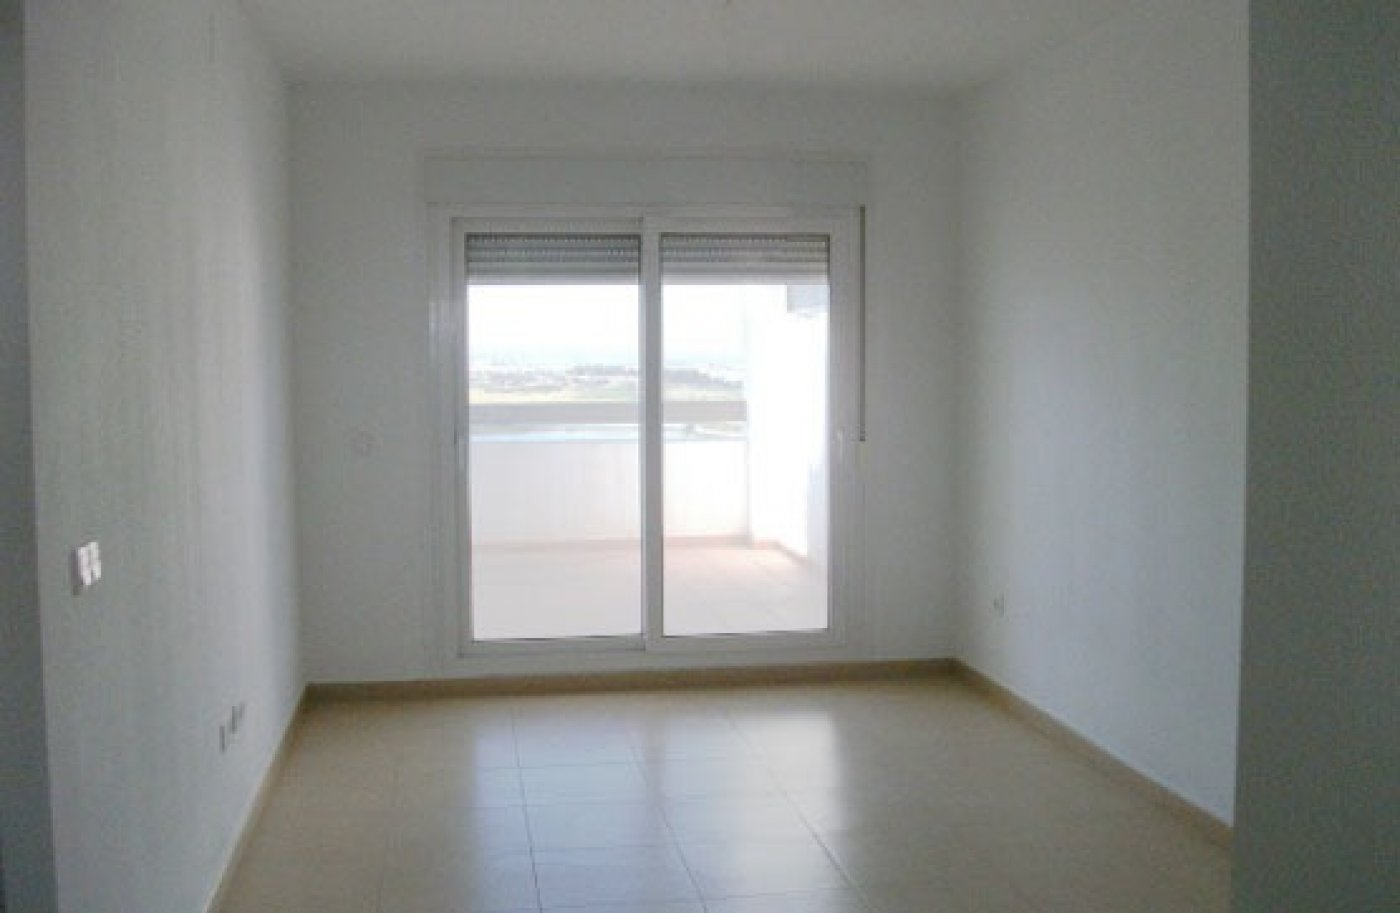 Image 8 Apartment ref 2797 for sale in Condado De Alhama Spain - Quality Homes Costa Cálida